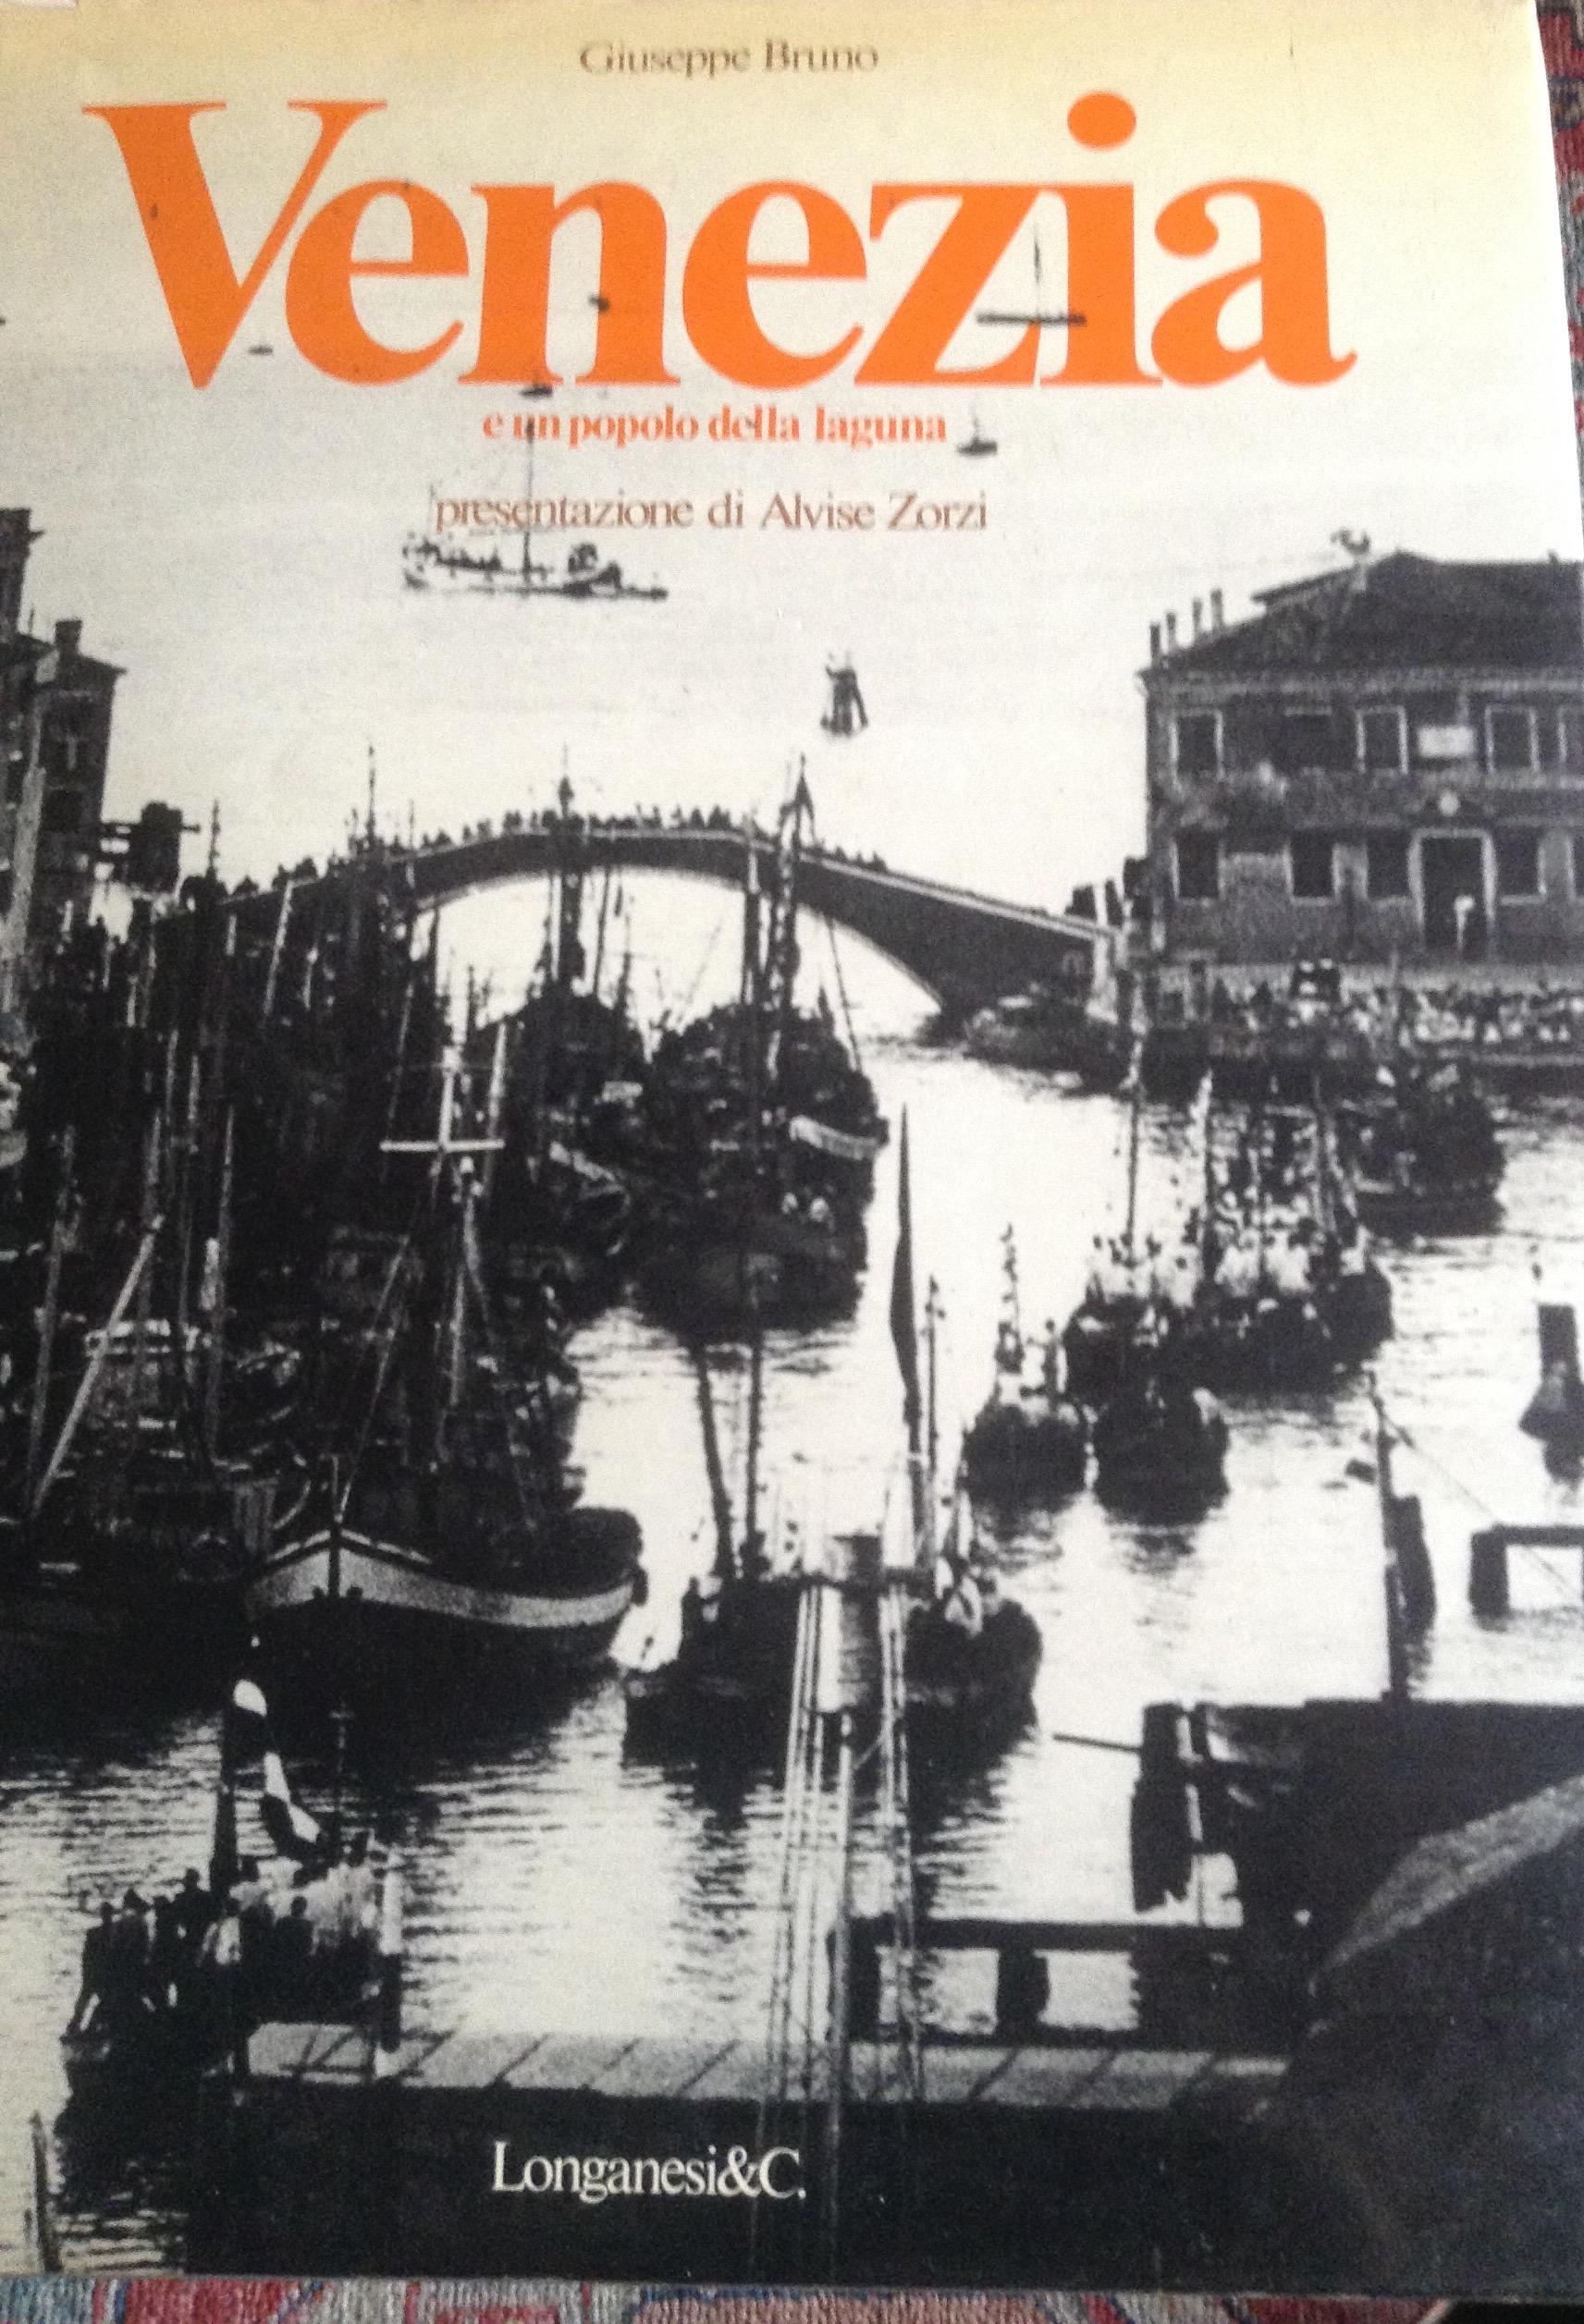 Venezia e un popolo della laguna